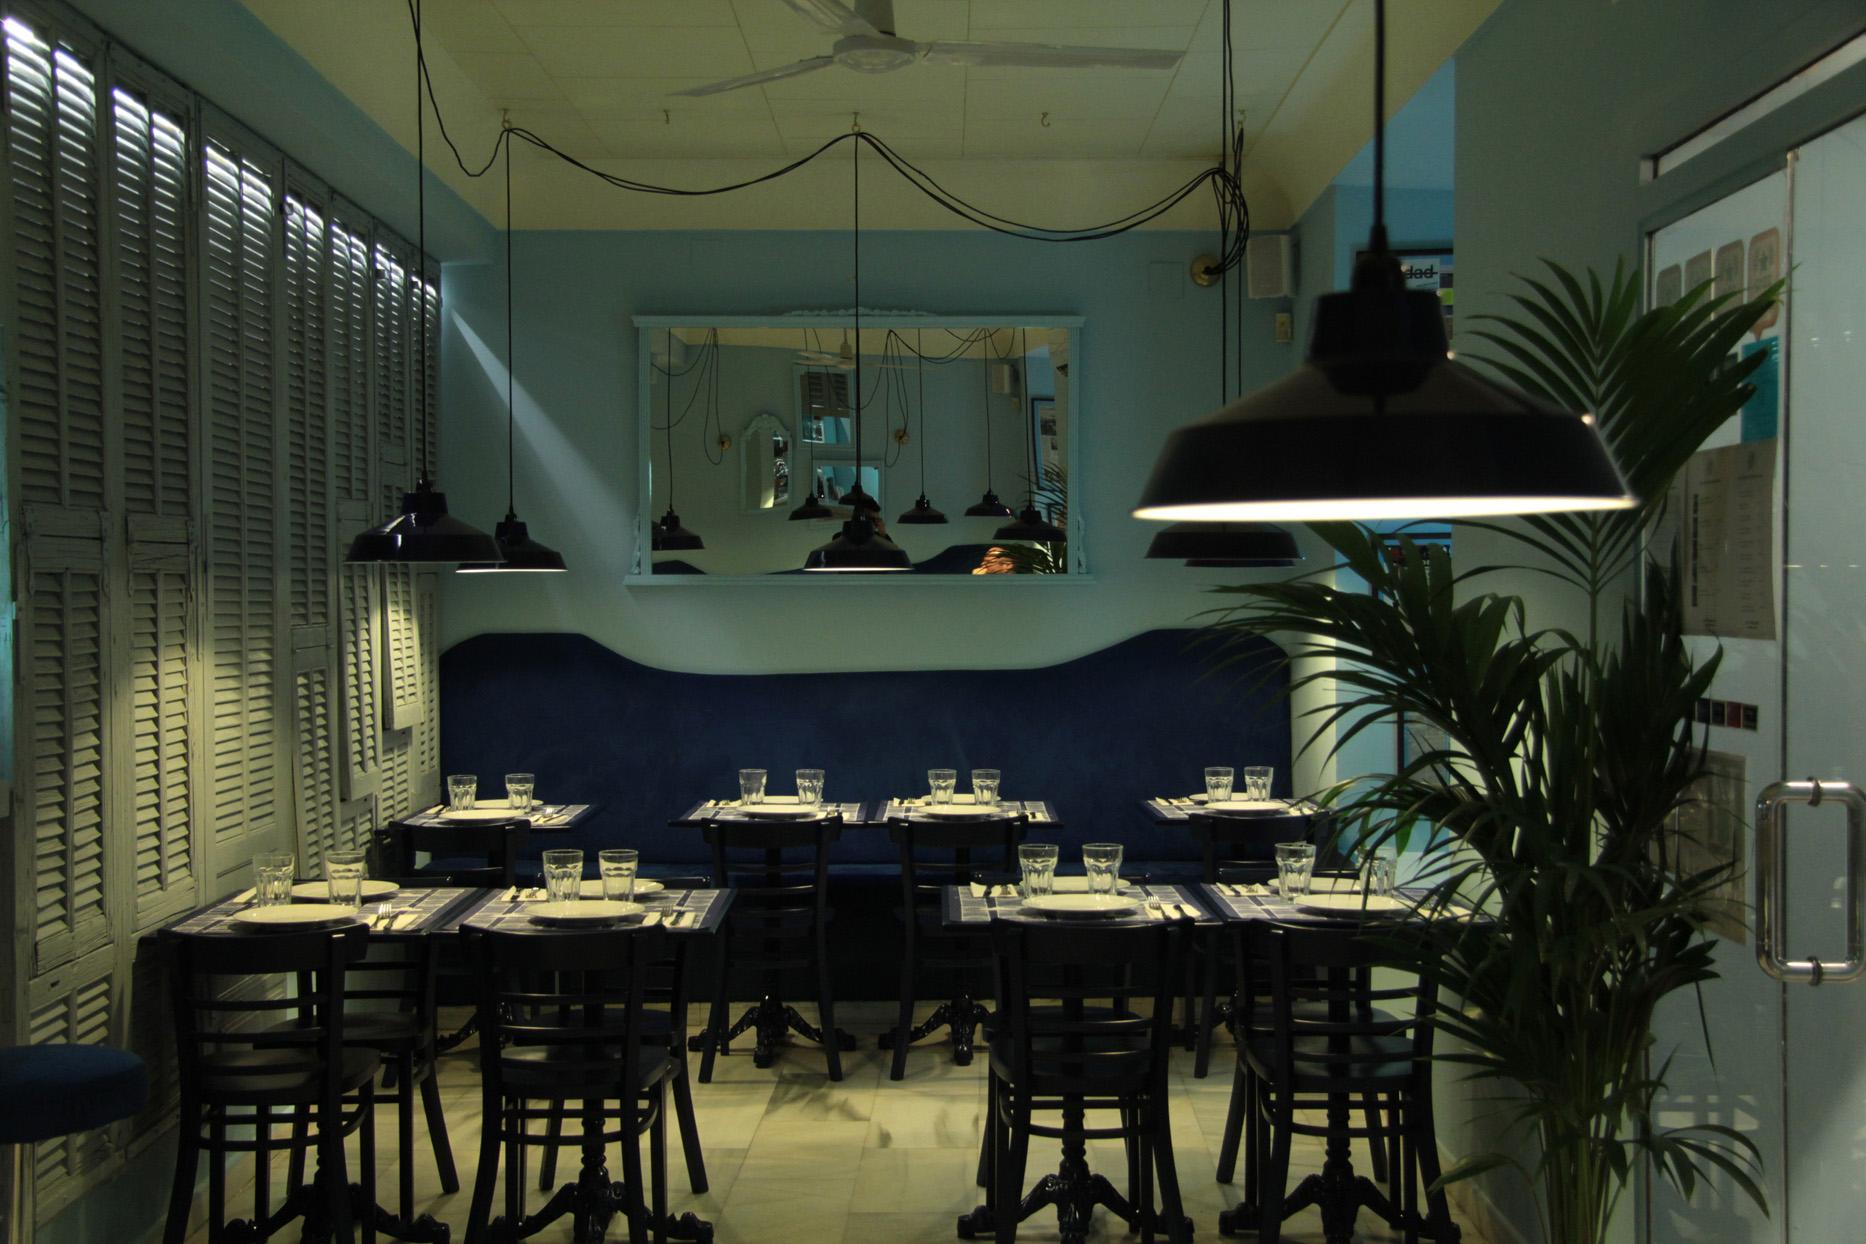 restaurante-gumbo-new-orleans-cajun-galeria-3